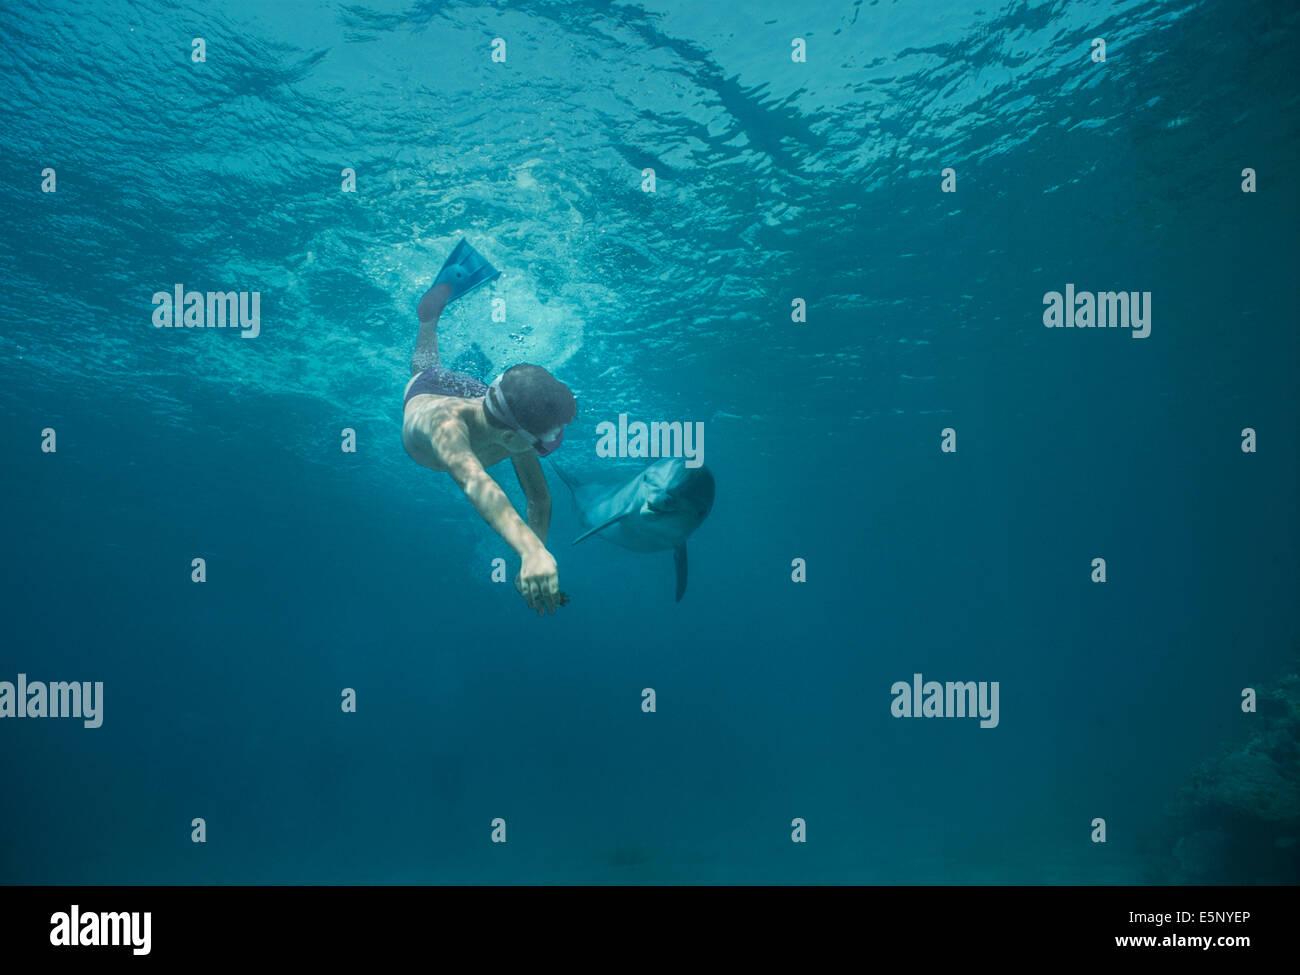 Muchacho de doce años interactúa con los niños el delfín mular (Tursiops truncatus). Dolphin reef, Eilat, Israel, Mar Rojo. Foto de stock